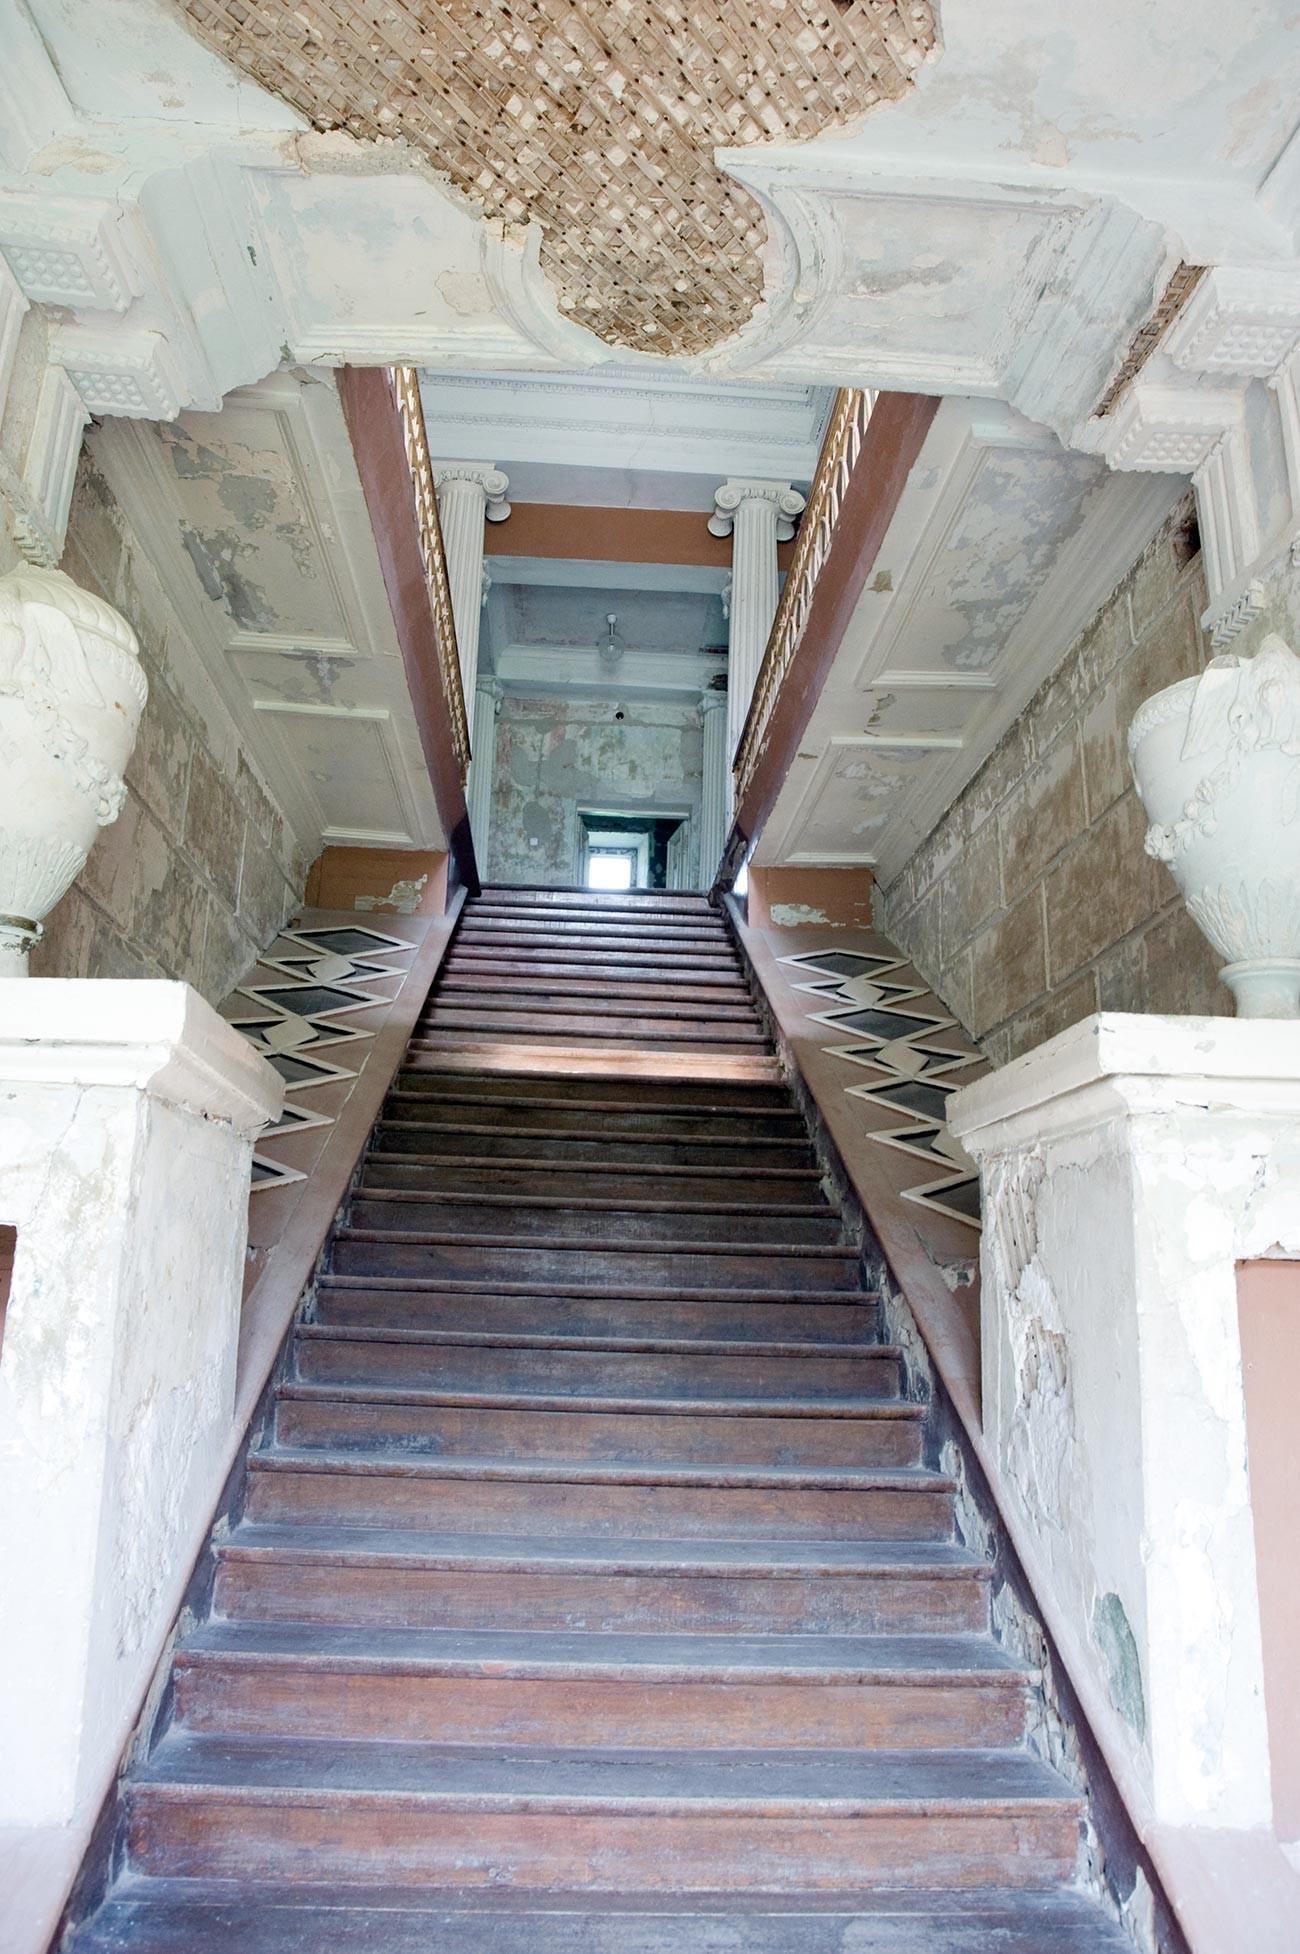 Znamenskoye-Rayok. Mansion interior. Main stairway. May 14, 2010